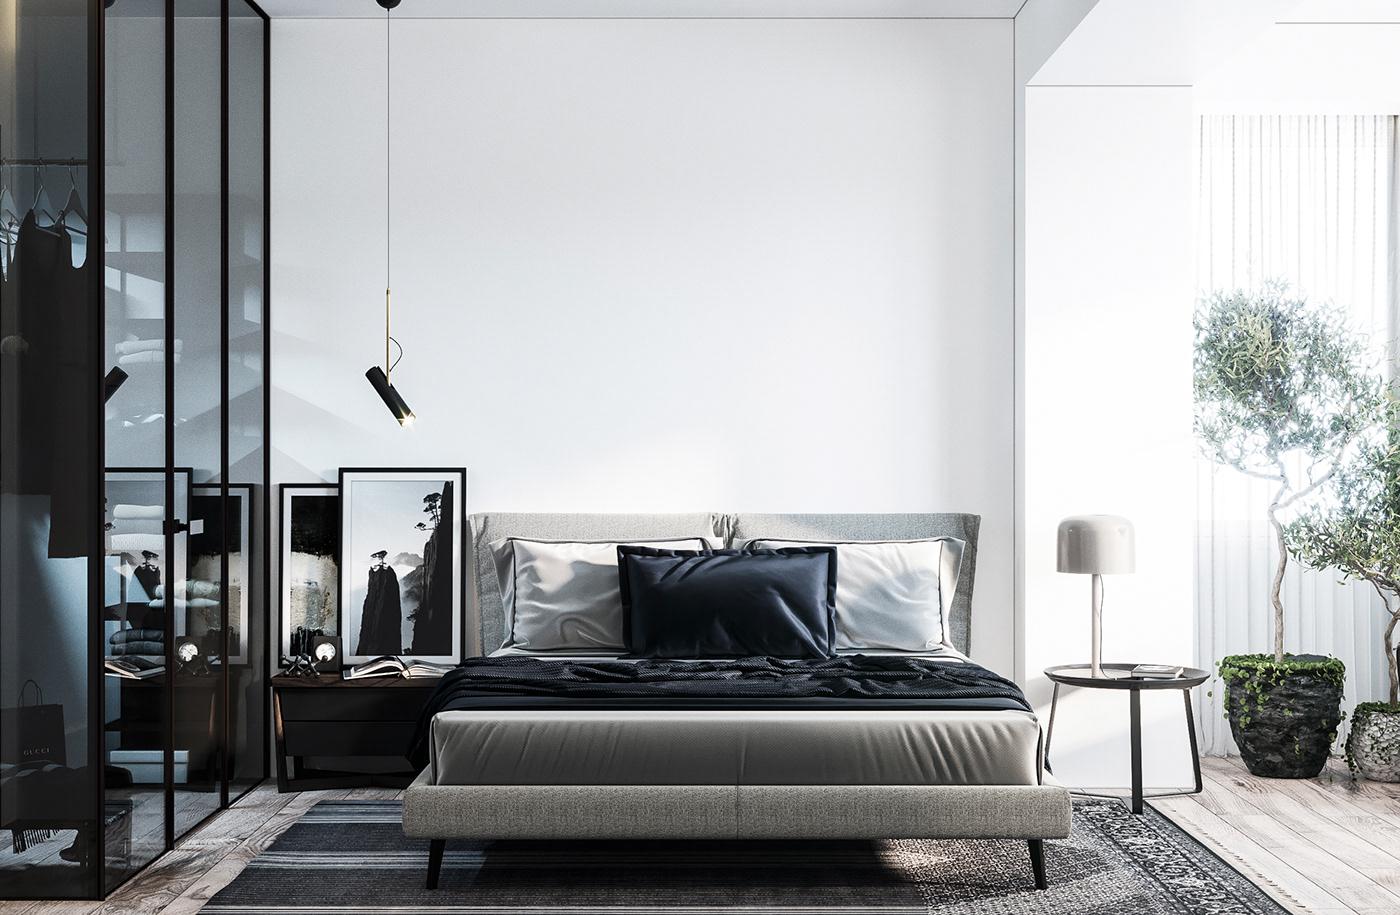 Design KharkovDesign minimalism bedroom room bedroom design modern design cozy design design style visualization dressing room Дизайн ХарьковДизайн минимализм спальня комната дизайн спальни современный дизайн уютный дизайн стиль